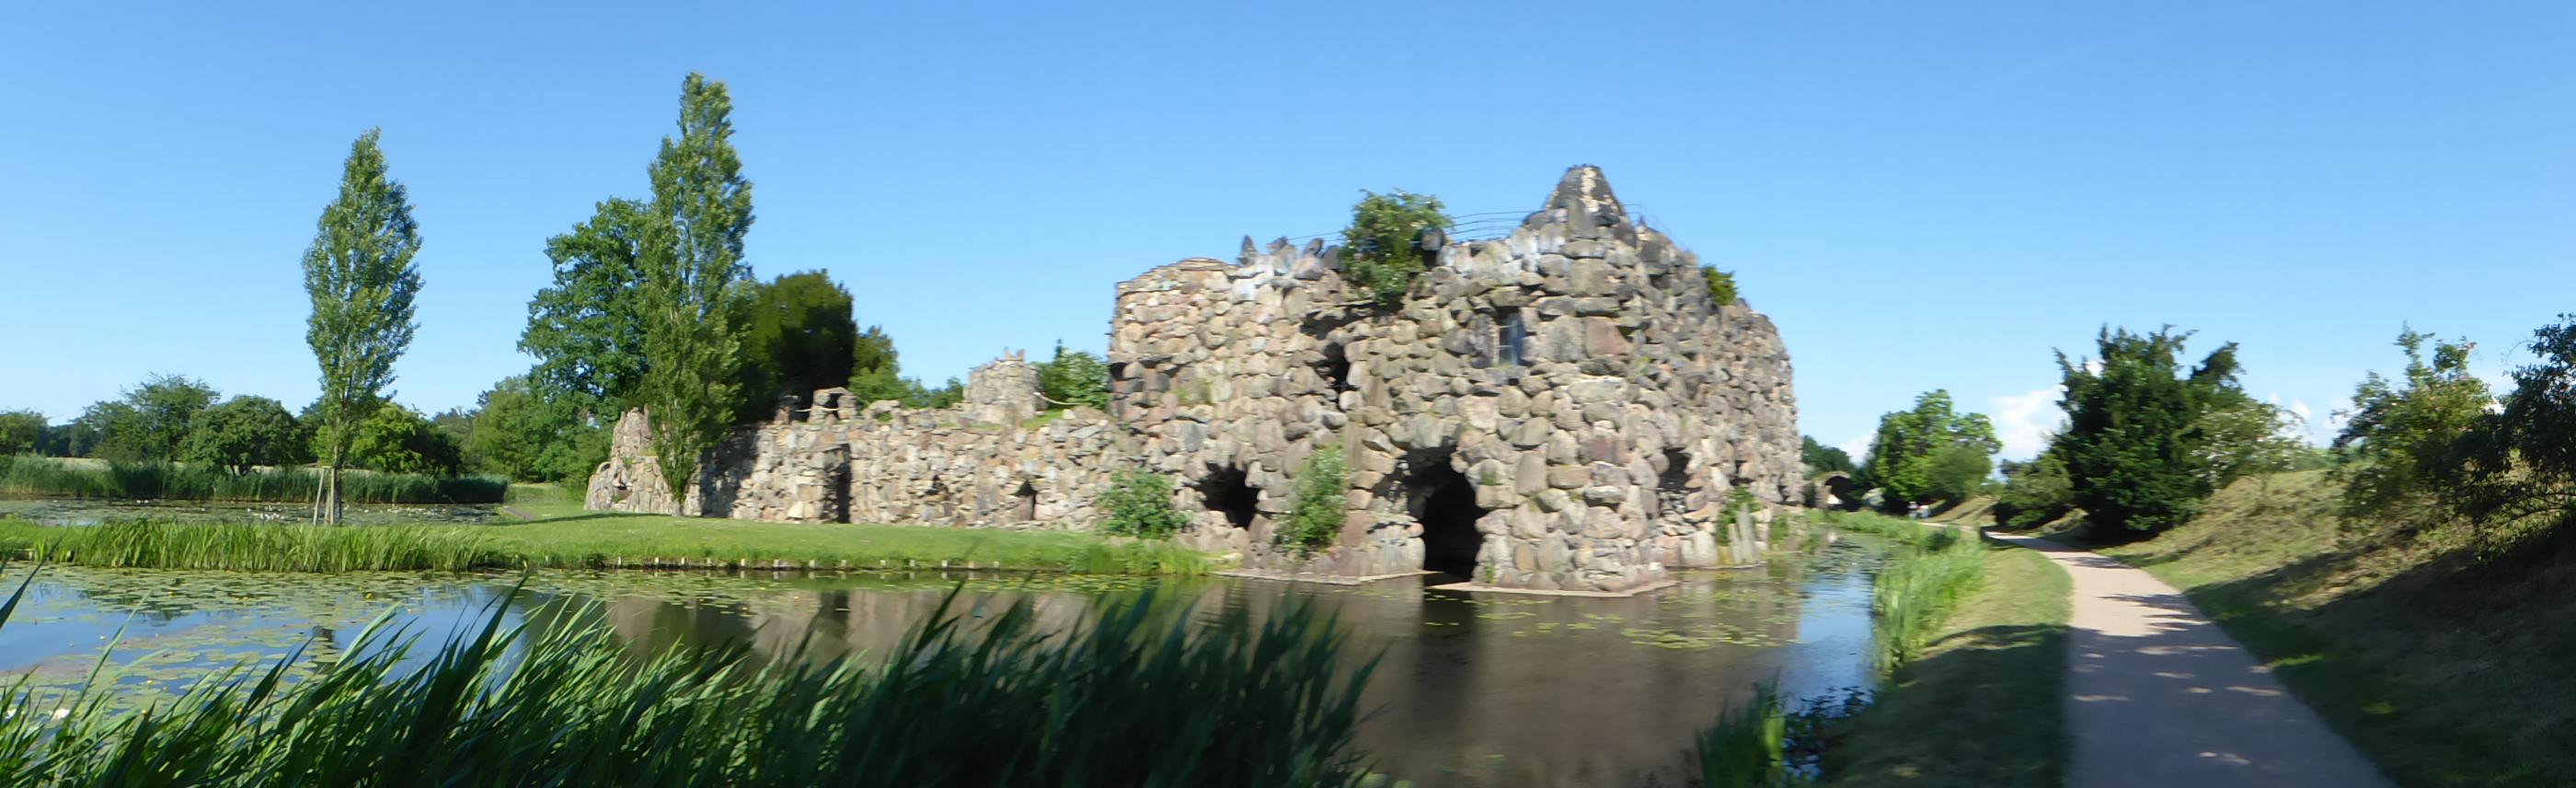 Blick auf die Insel Stein im Wörlitzer Park